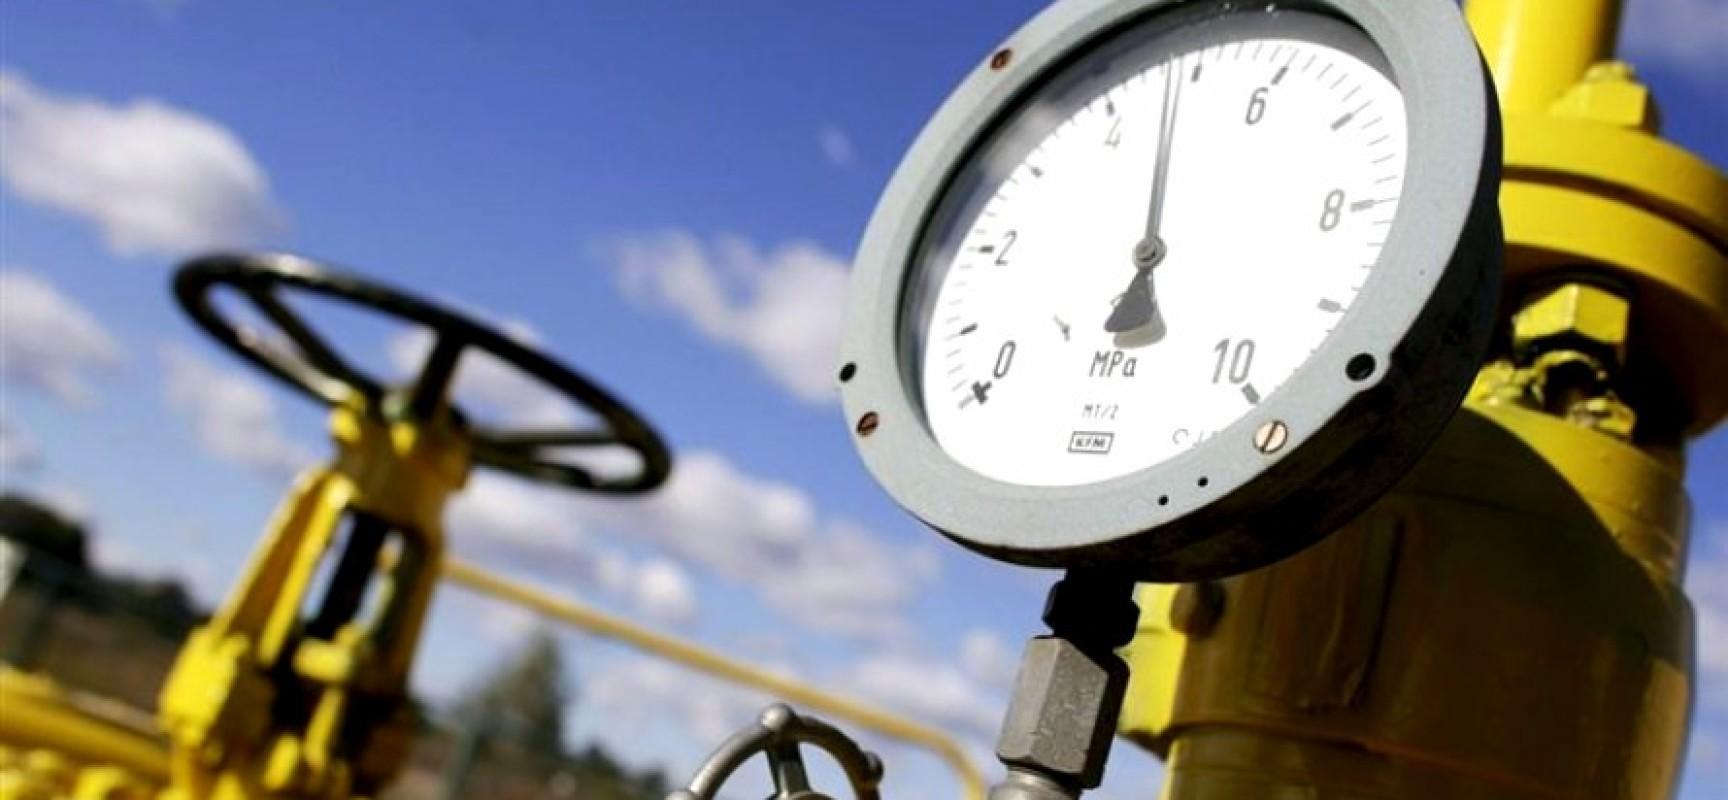 Зимова кампанія проти «Нафтогазу»: хто винуватий і що робити